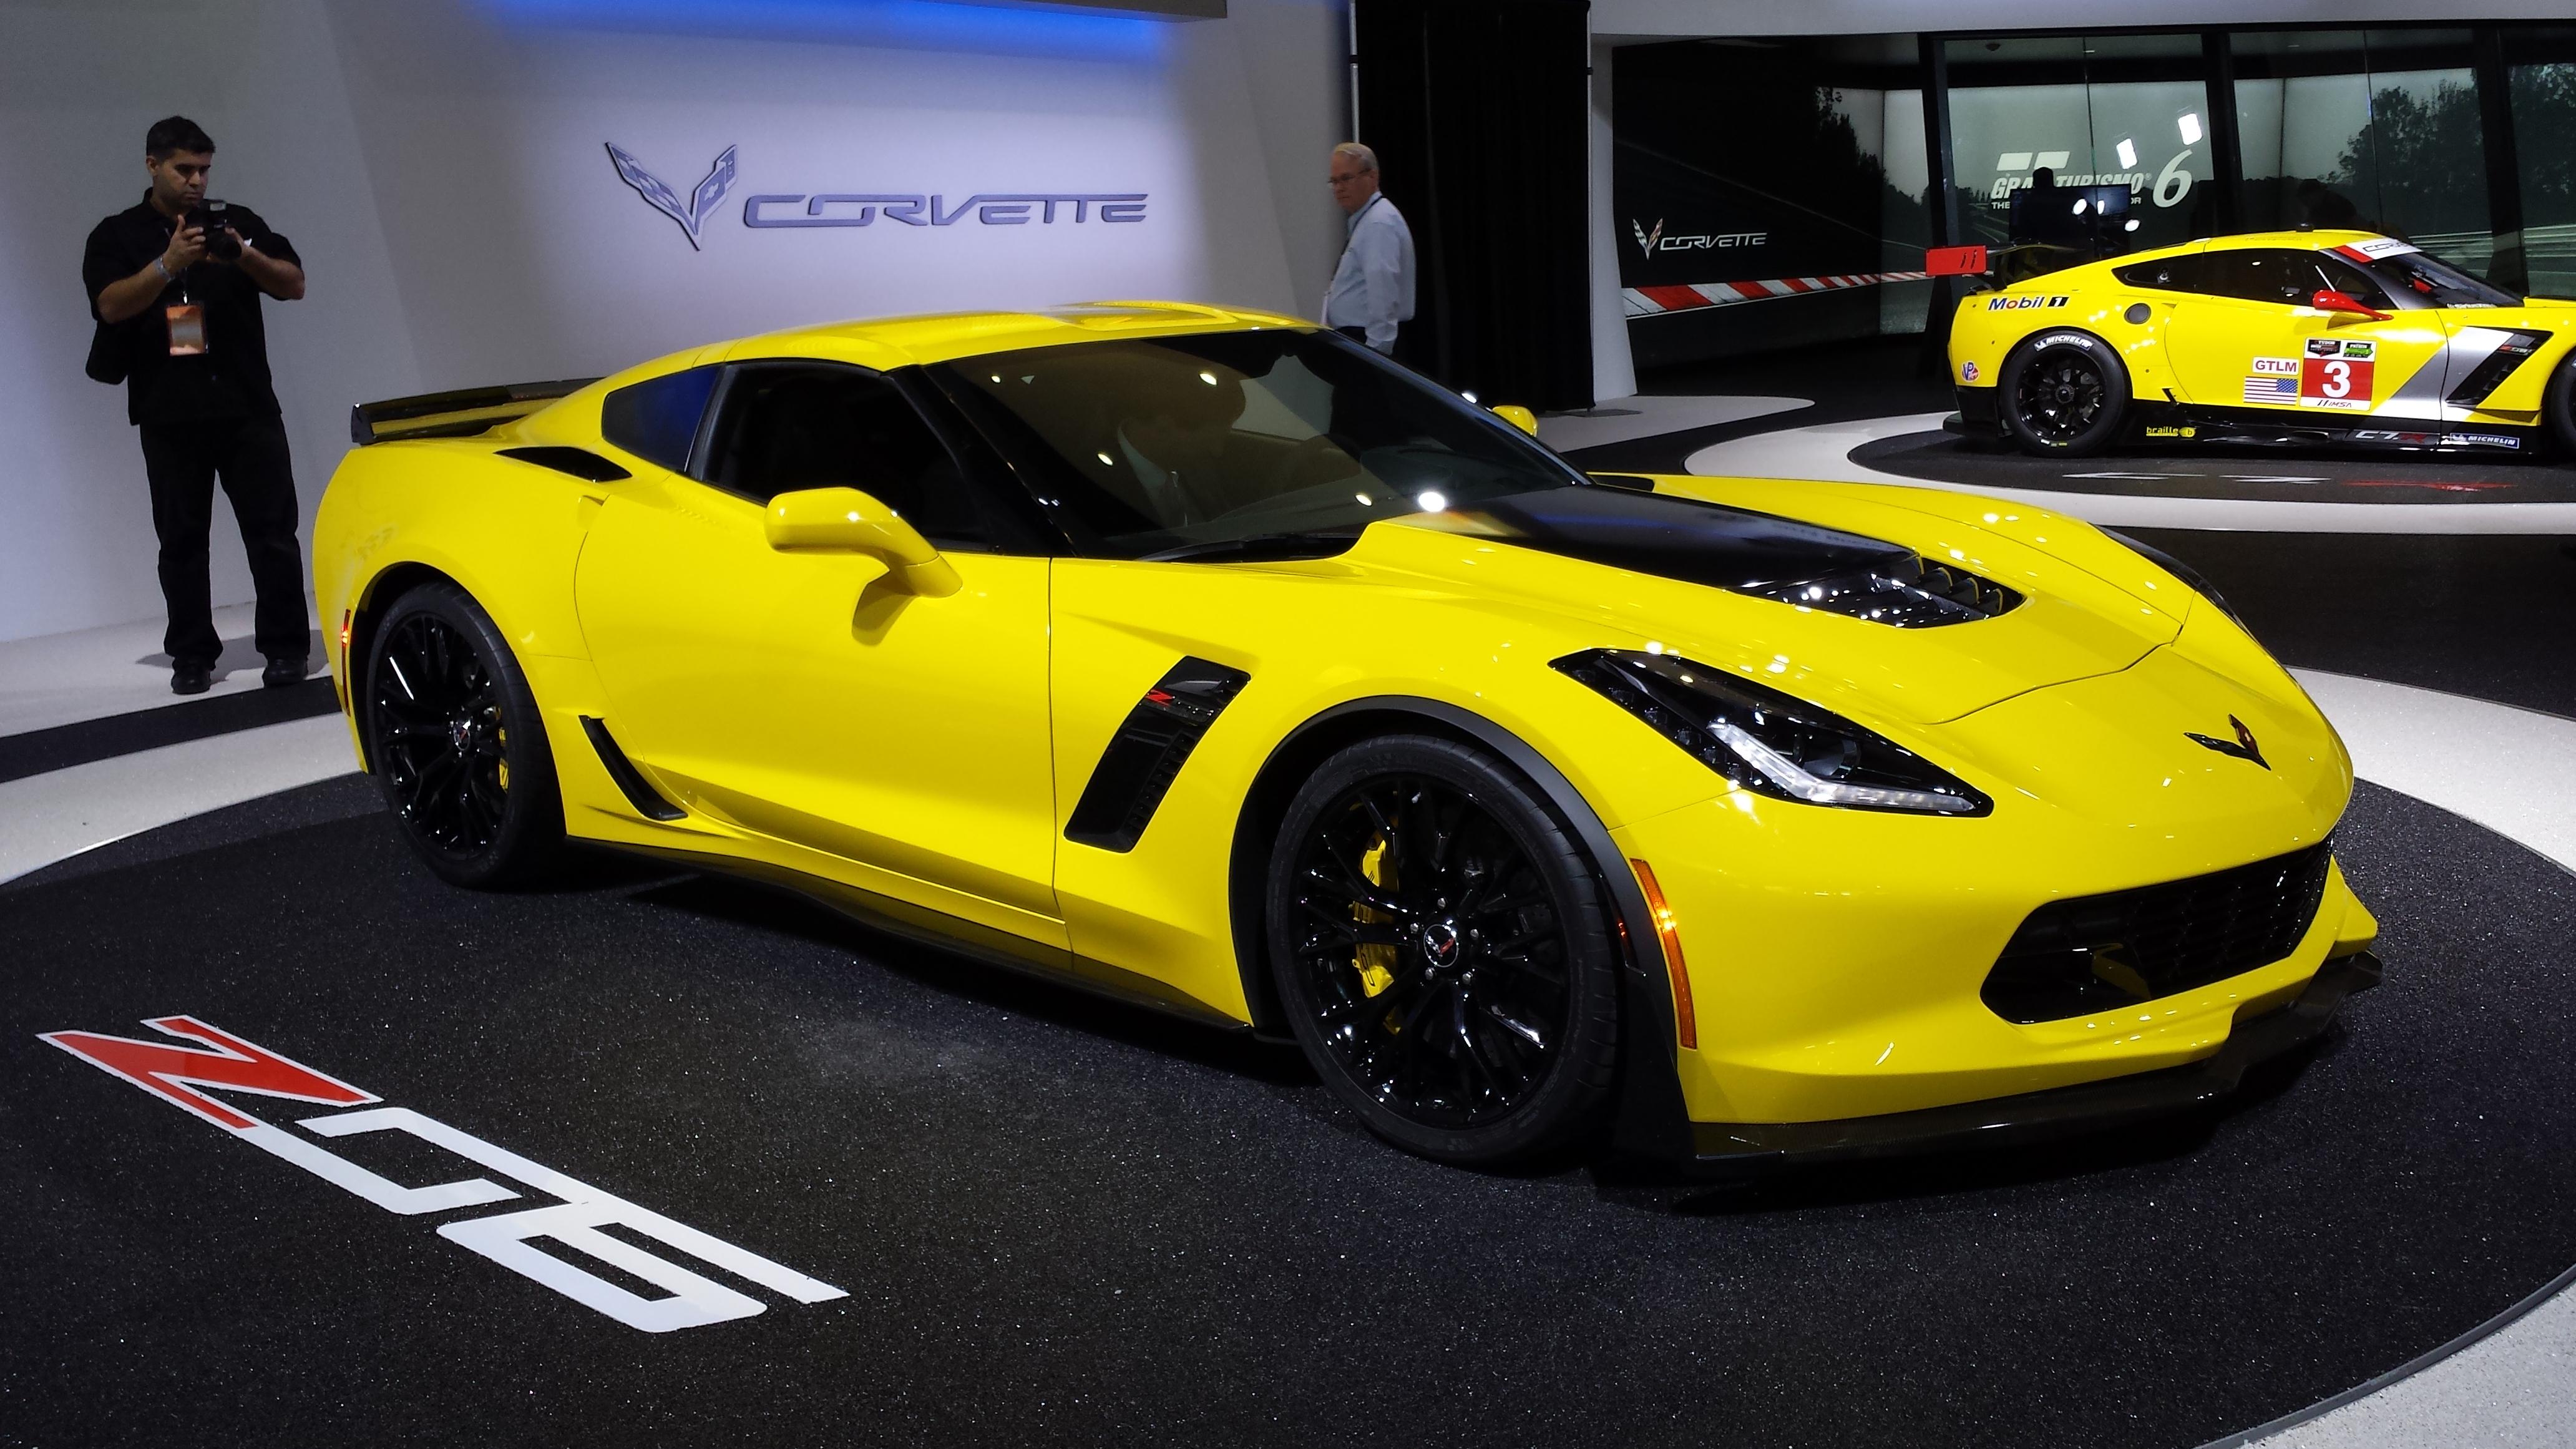 2015 corvette stingray z06 hd desktop wallpaper download